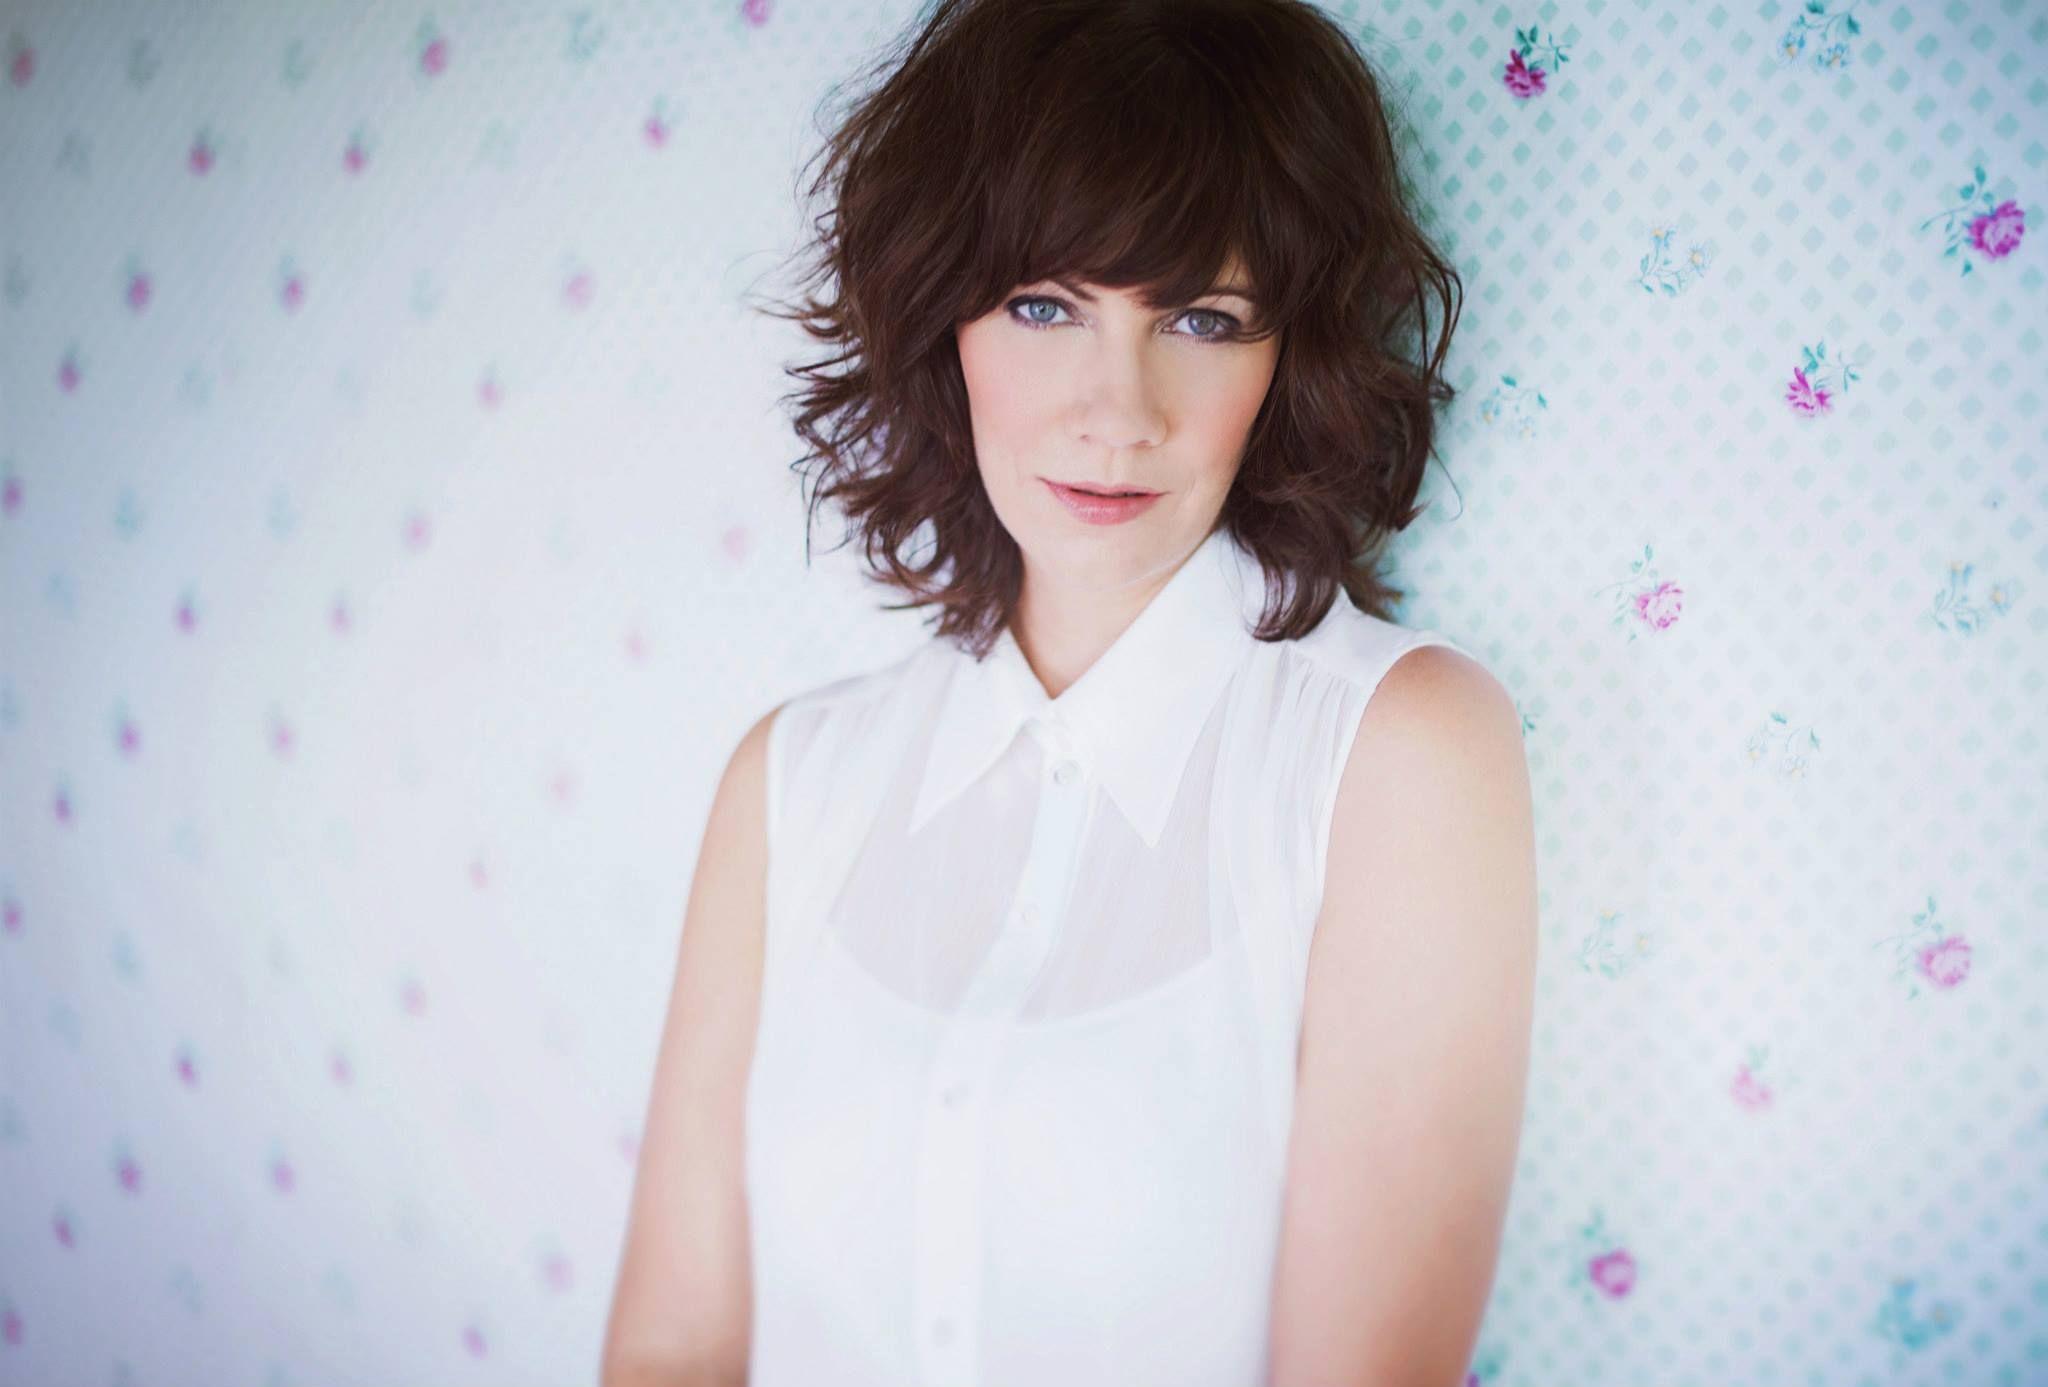 Stephanie James photo